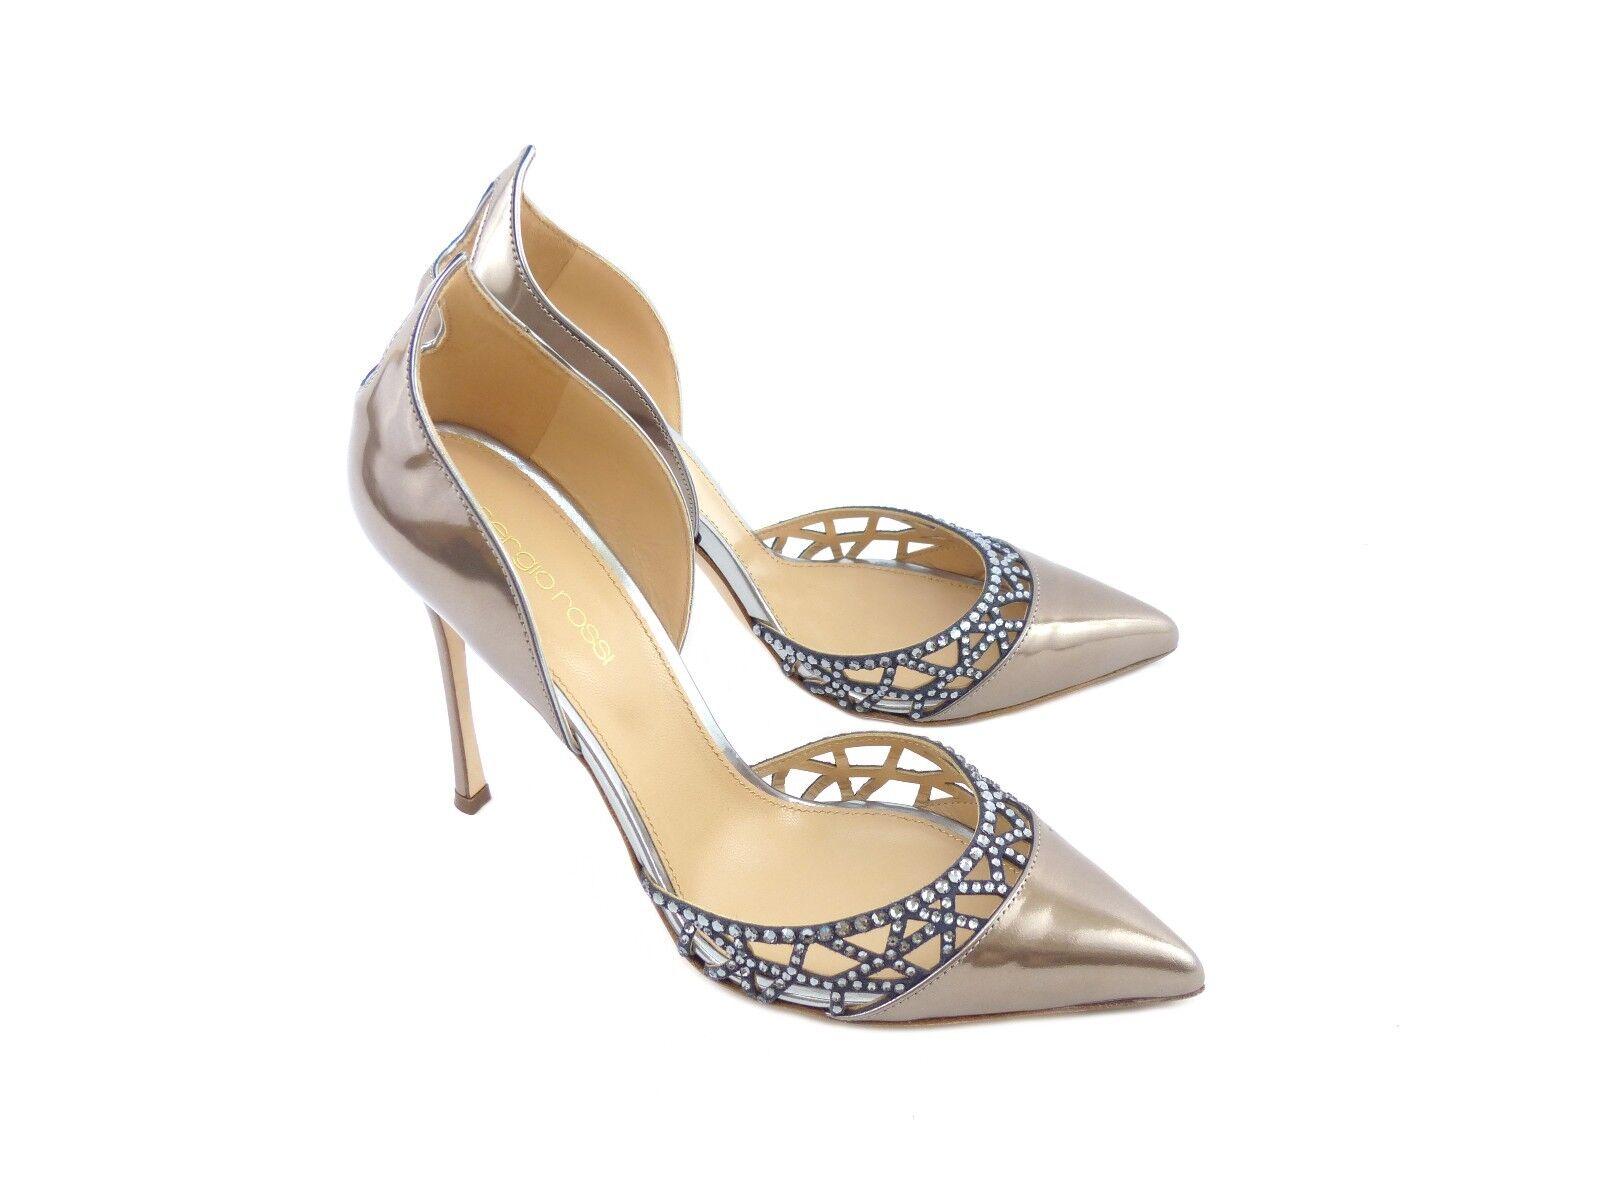 Descuento de liquidación Sergio Rossi 'Tesor' Oro Rosa Mirrored Leather with Silver/Ash [ 65% OFF  ]